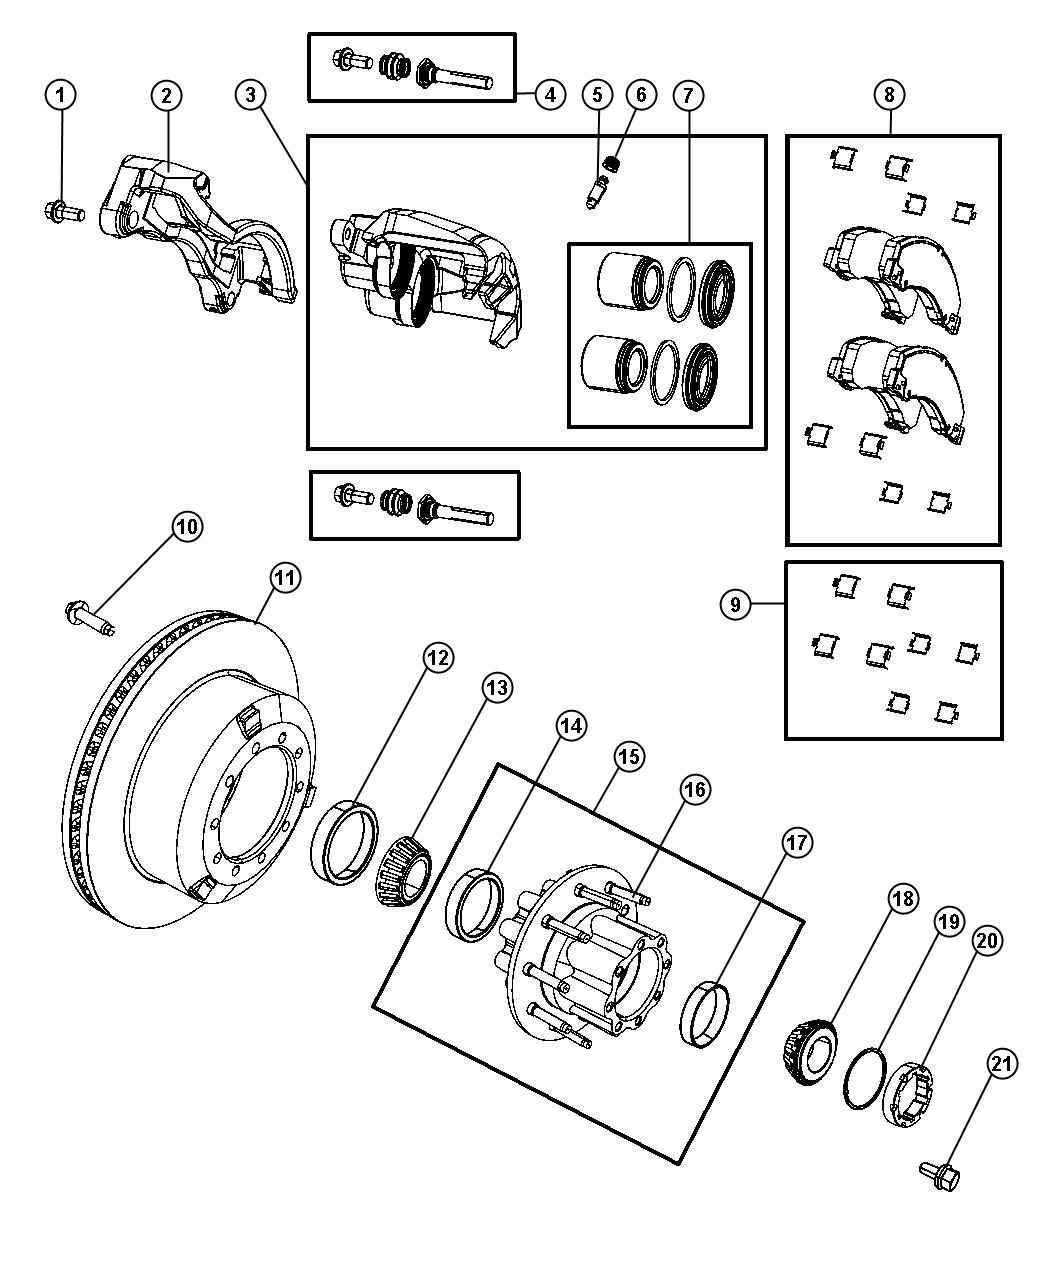 2011 dodge ram 5500 stud hub axle rear ratio. Black Bedroom Furniture Sets. Home Design Ideas